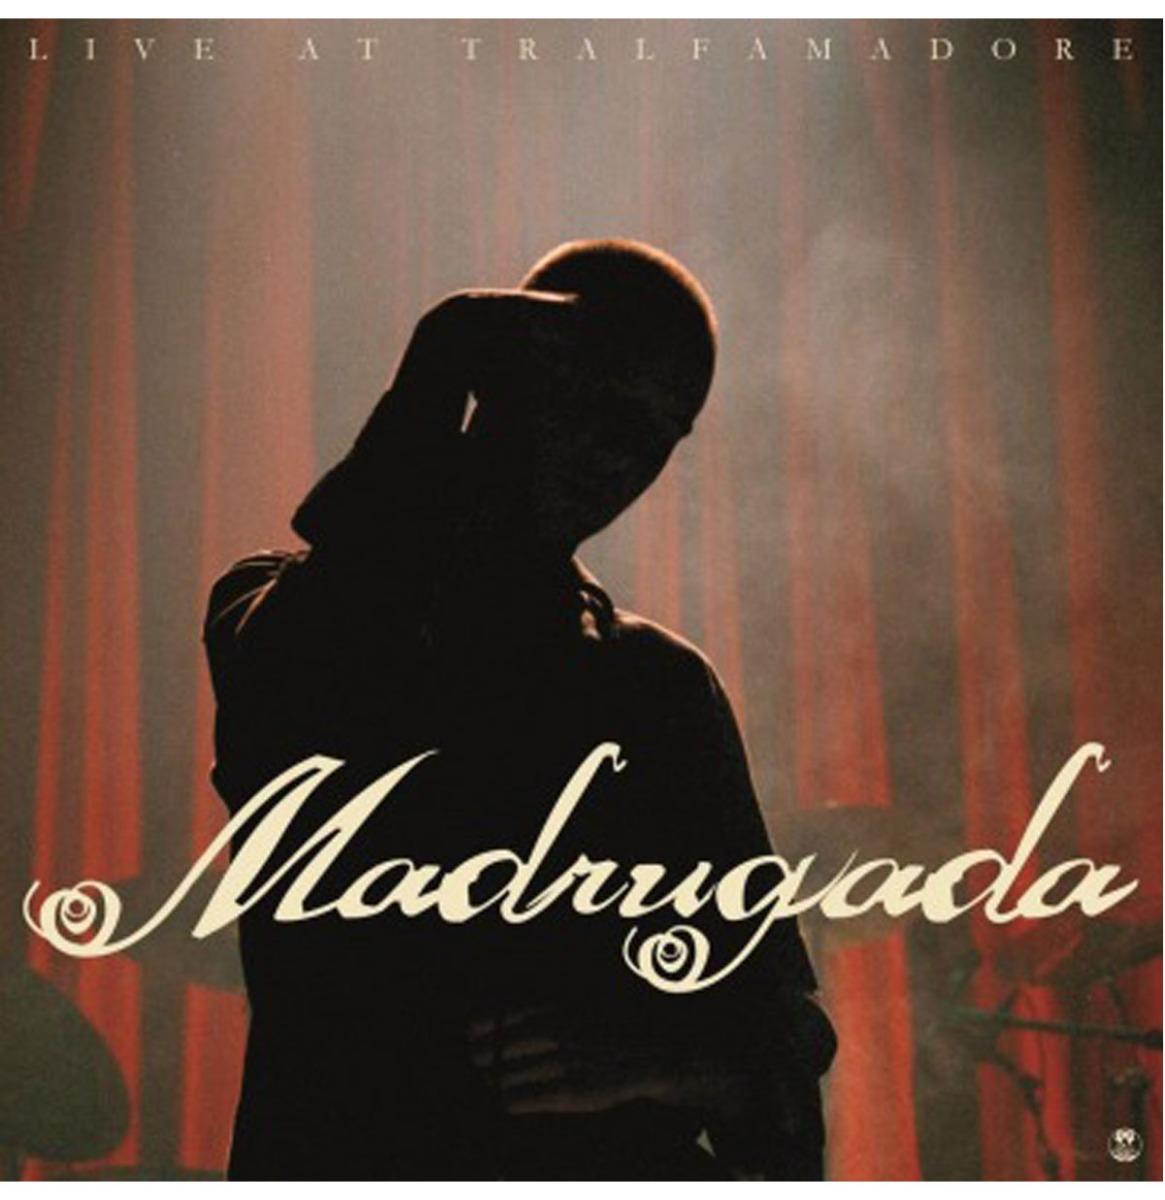 Madrugada - Live At Tralfamadore 2LP